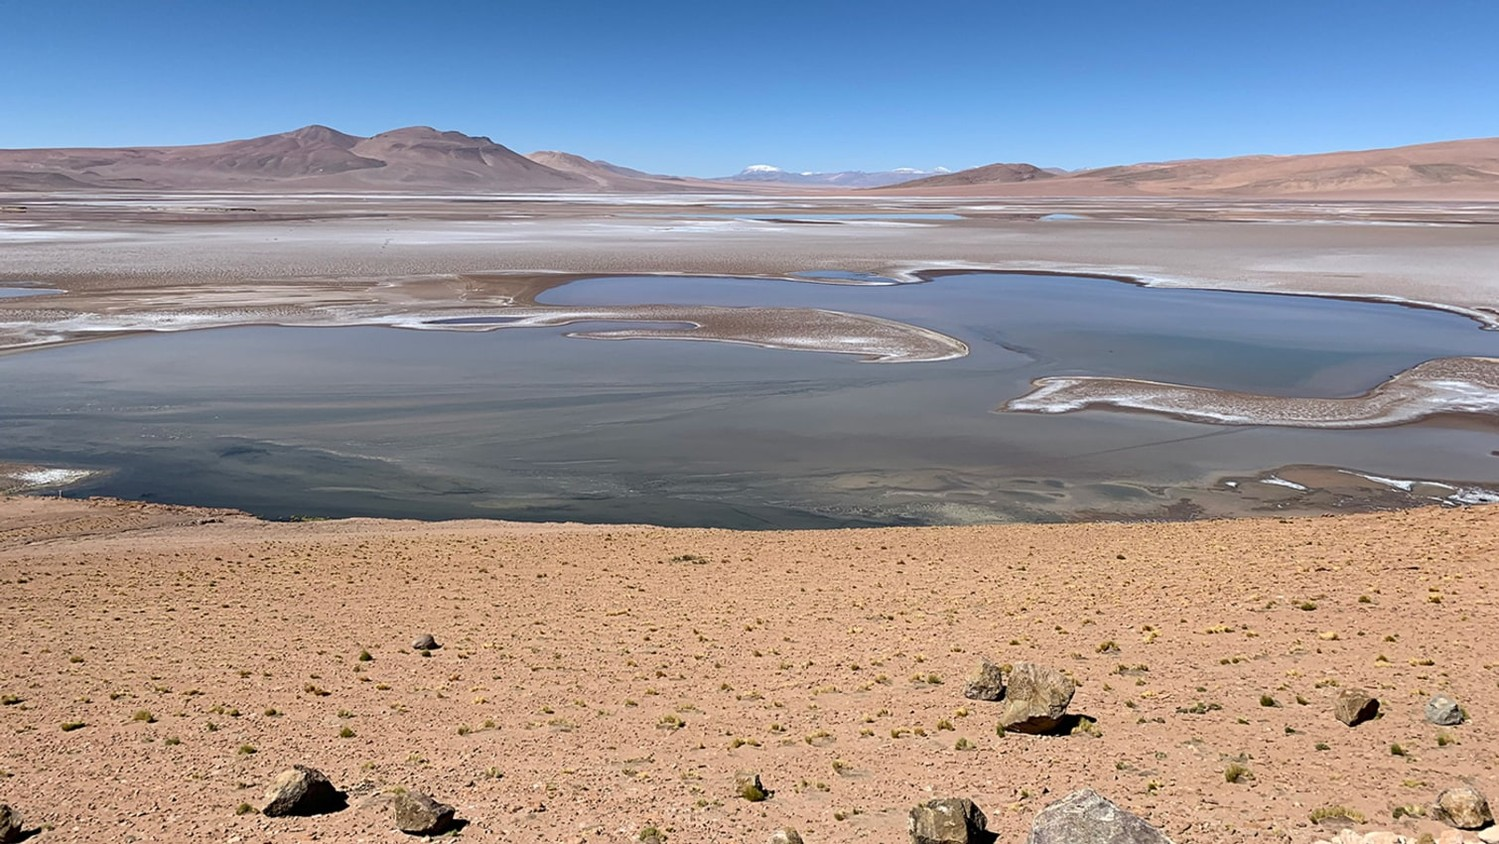 Реки и моря Марса никуда не пропали, они все еще находятся на планете